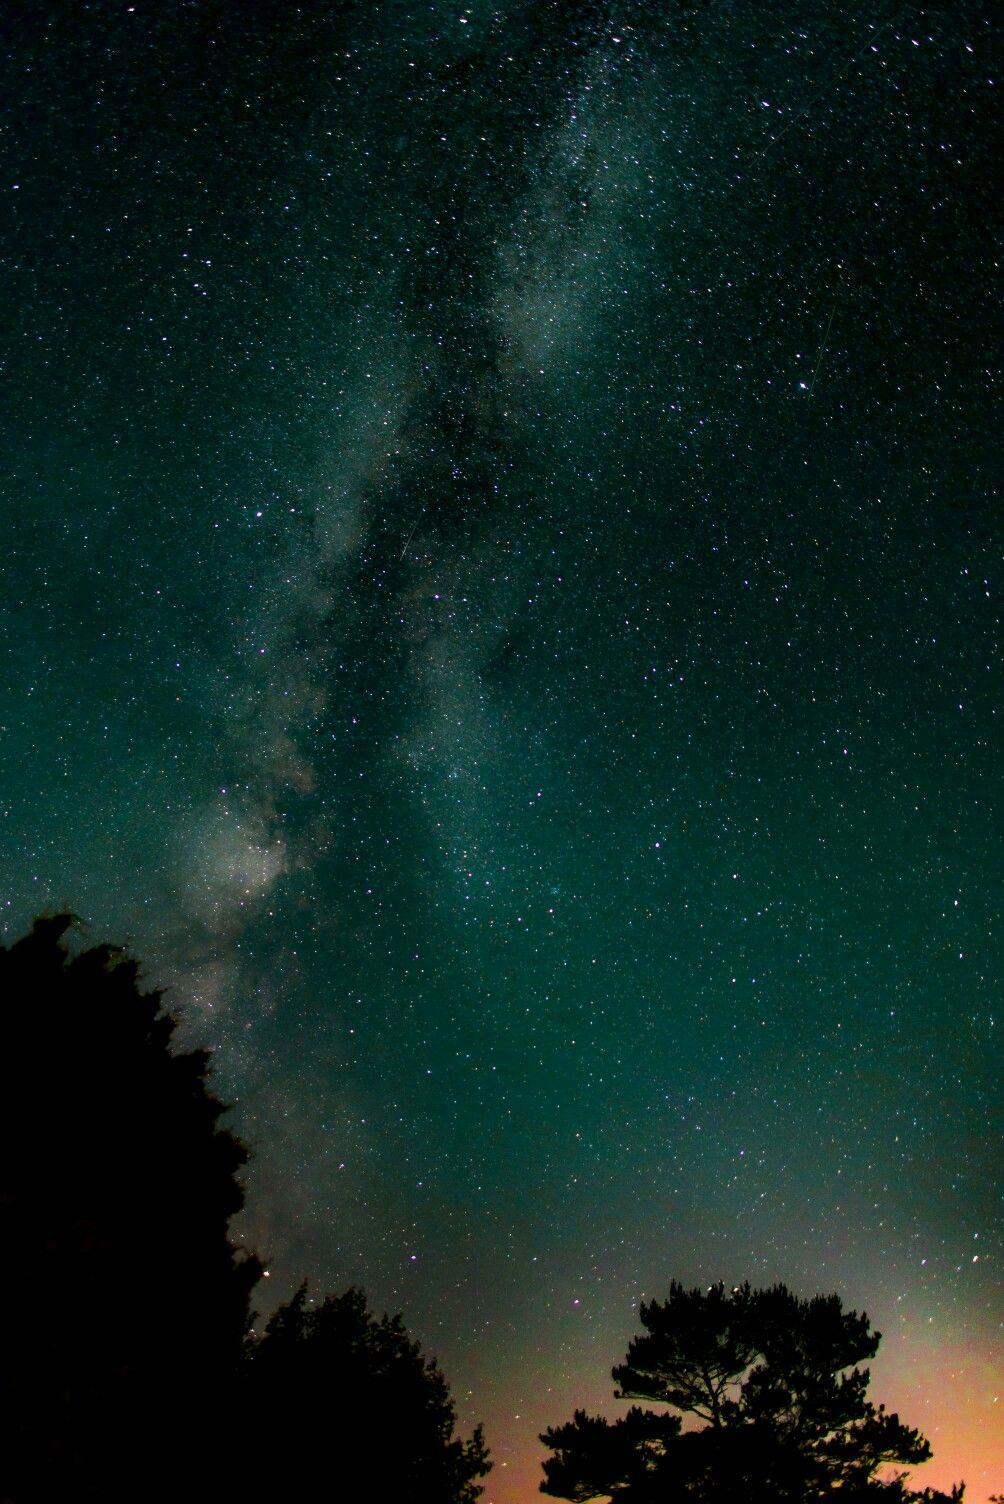 Stelle Viola Cielo Verde Sfondi Hd